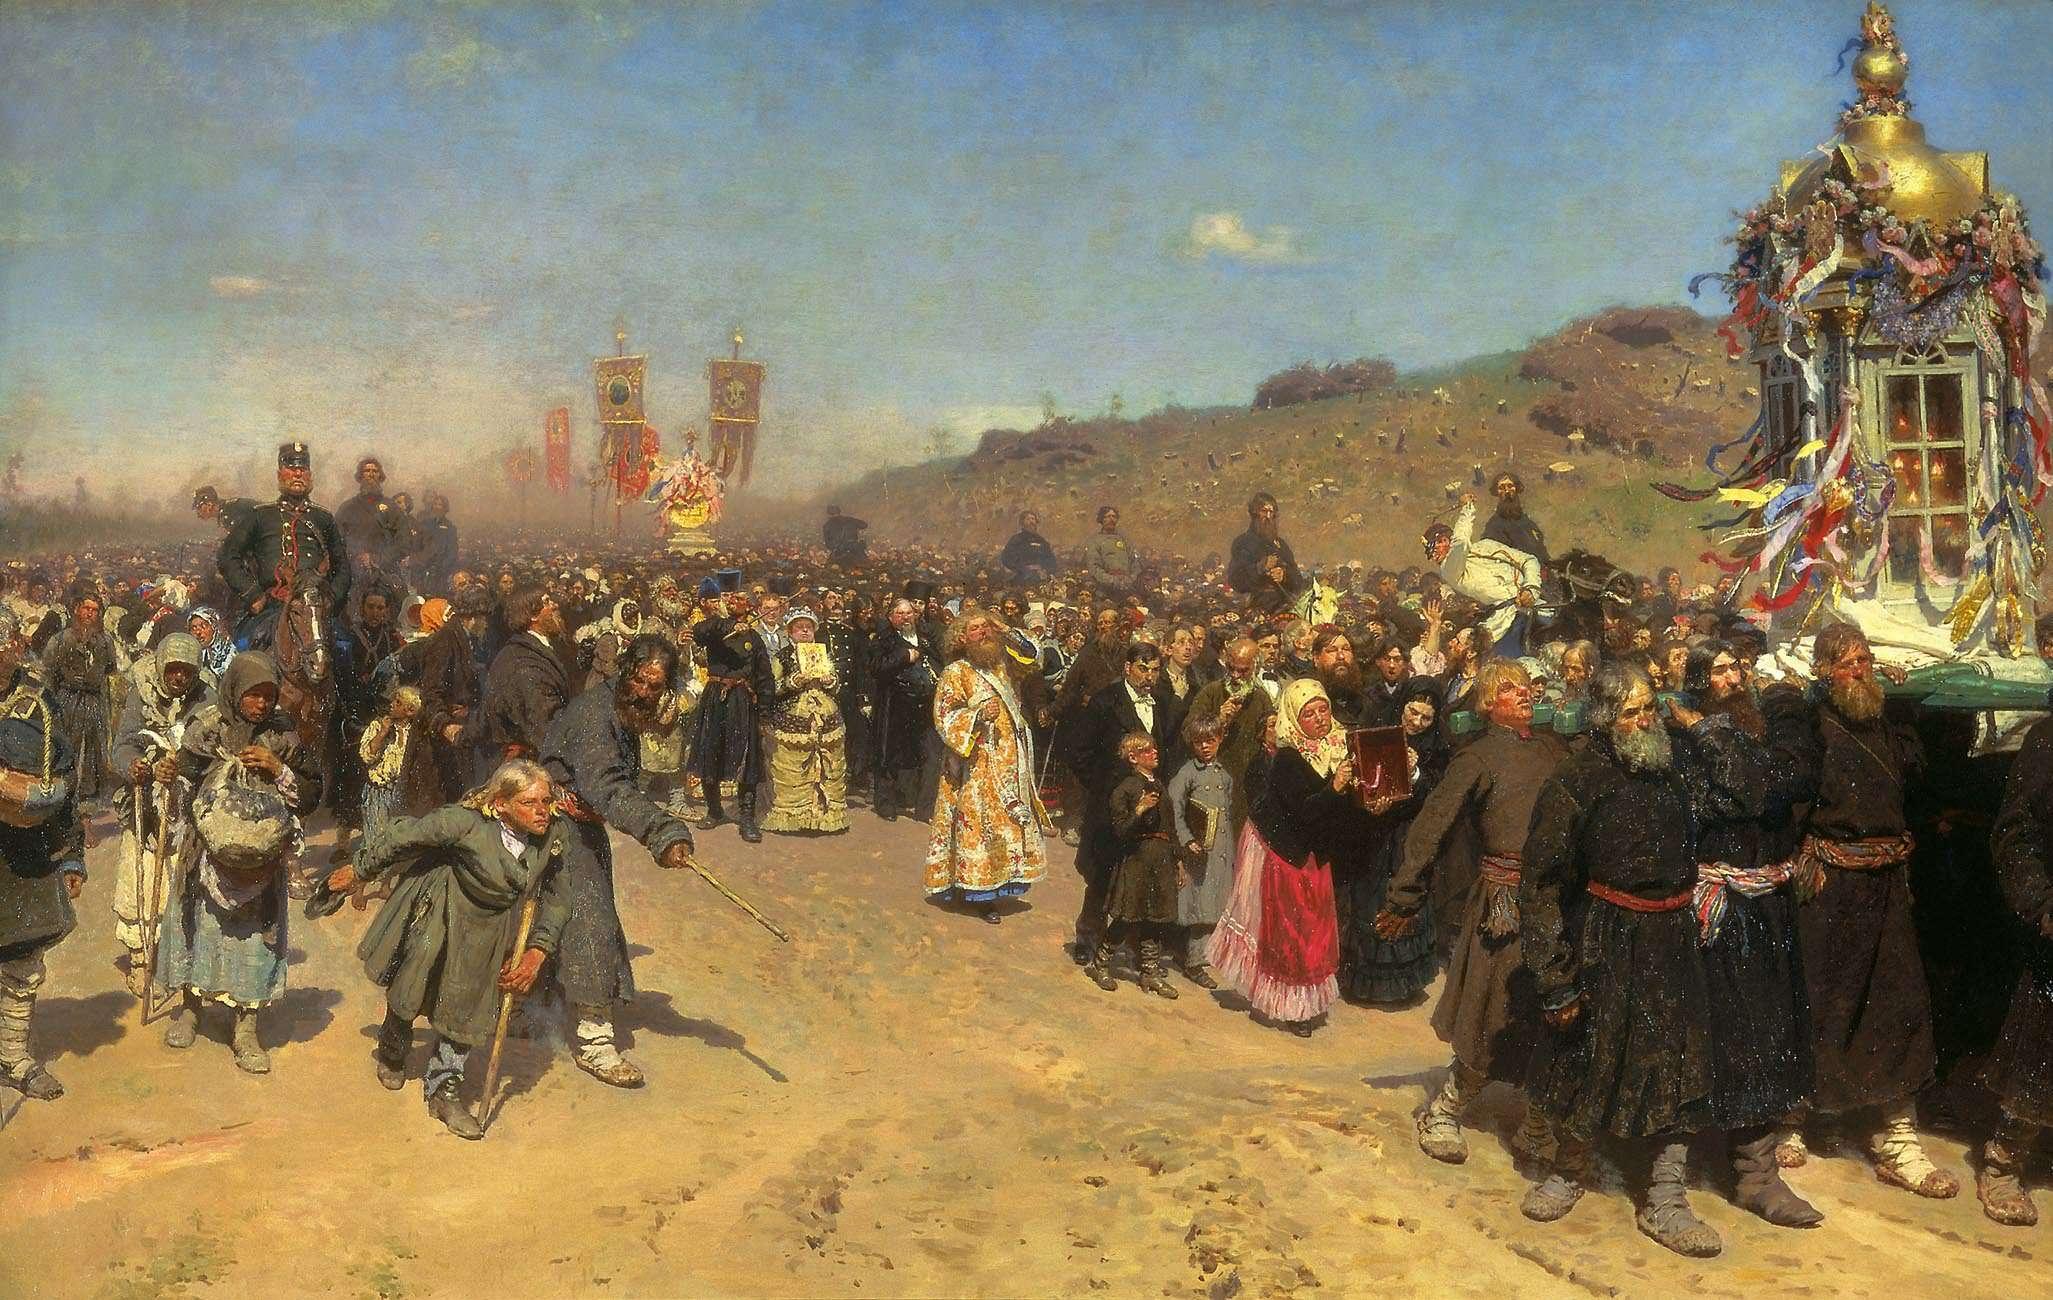 Илья Репин: реалист и мистик, певец своей эпохи